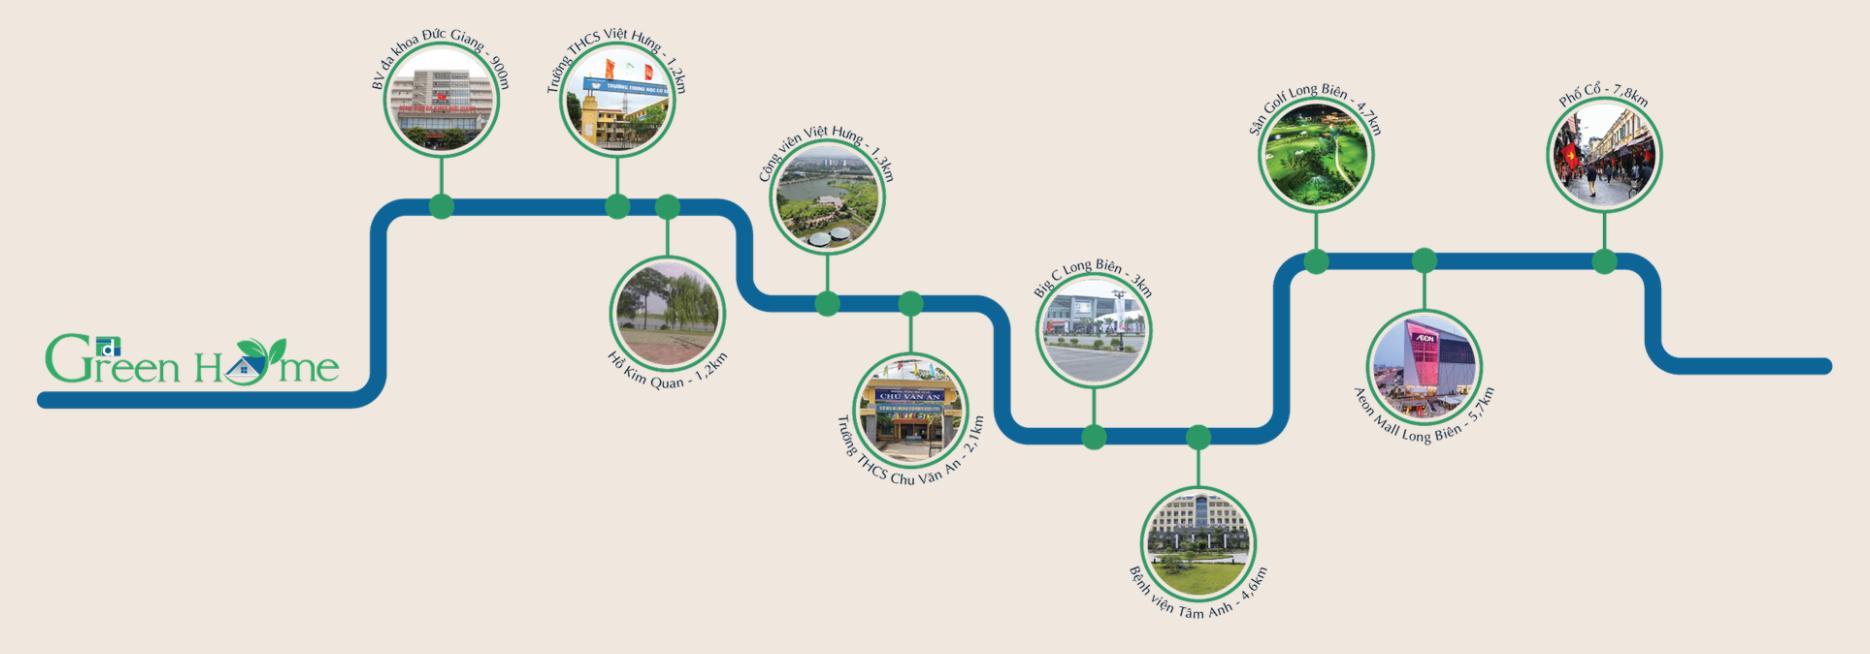 liên kết vùng dự án phương đông green home việt hưng long biên